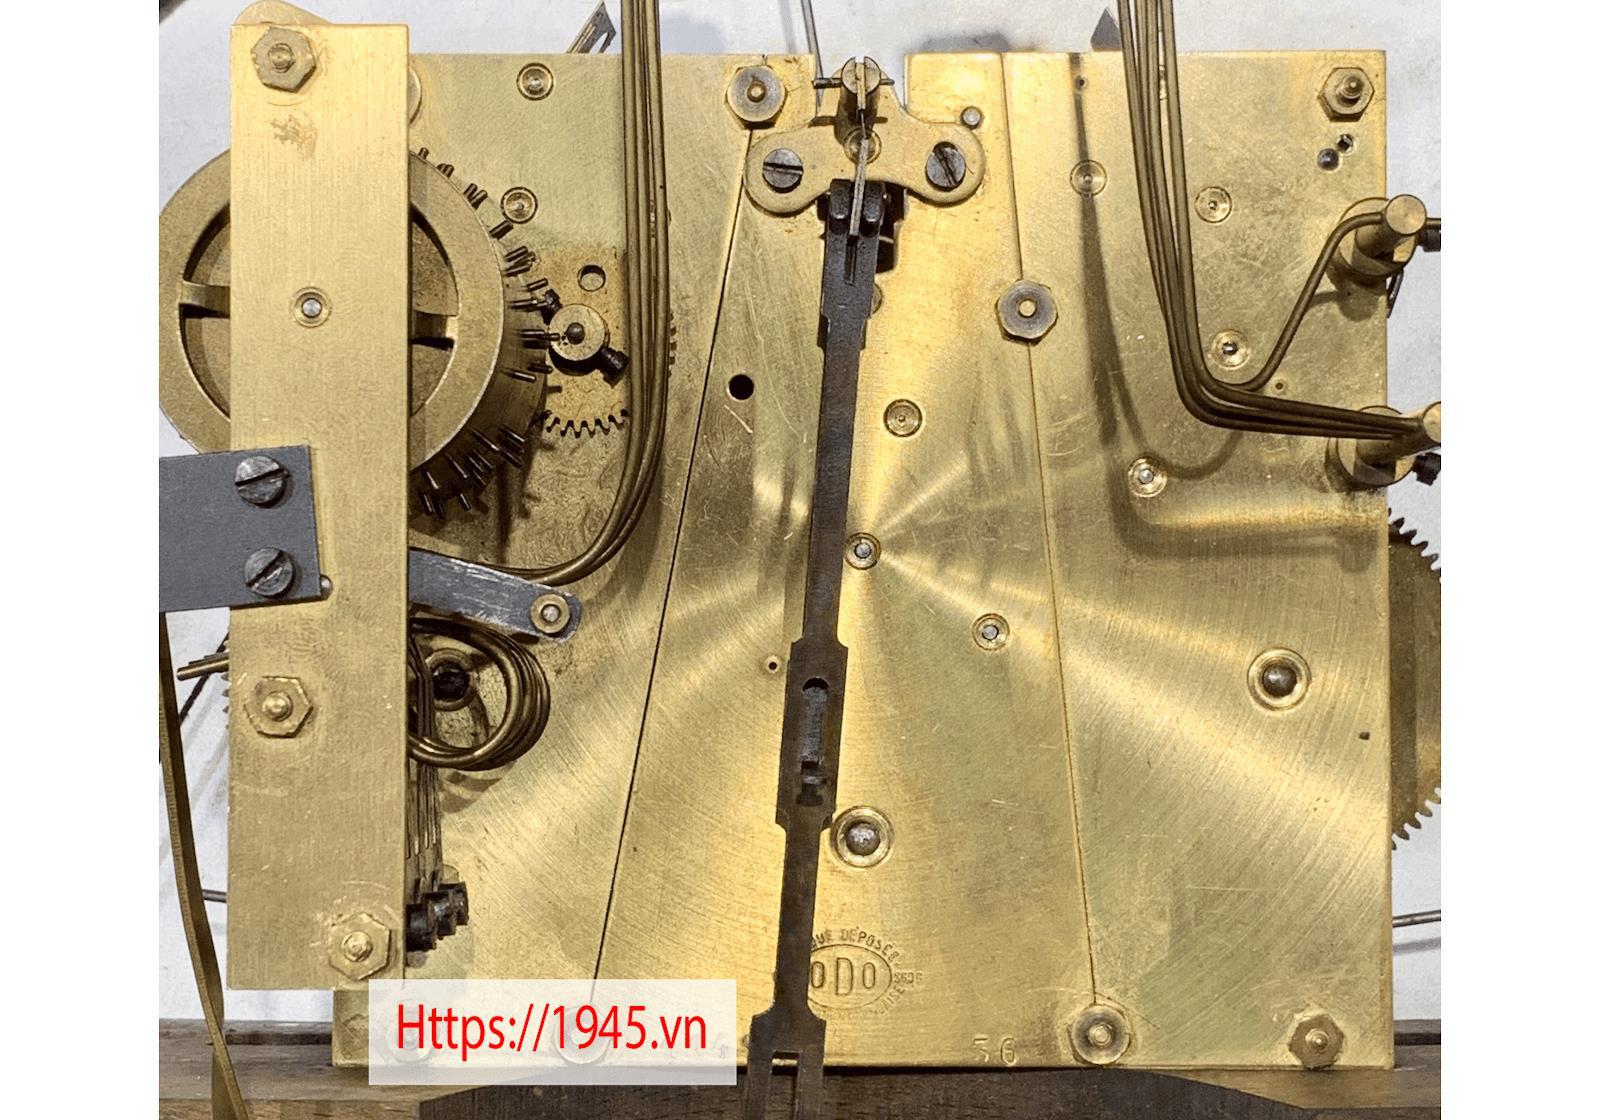 Chiêm ngưỡng bộ sưu tập đồng hồ cổ 1945.vn tại Hà Nội - Ảnh 7.